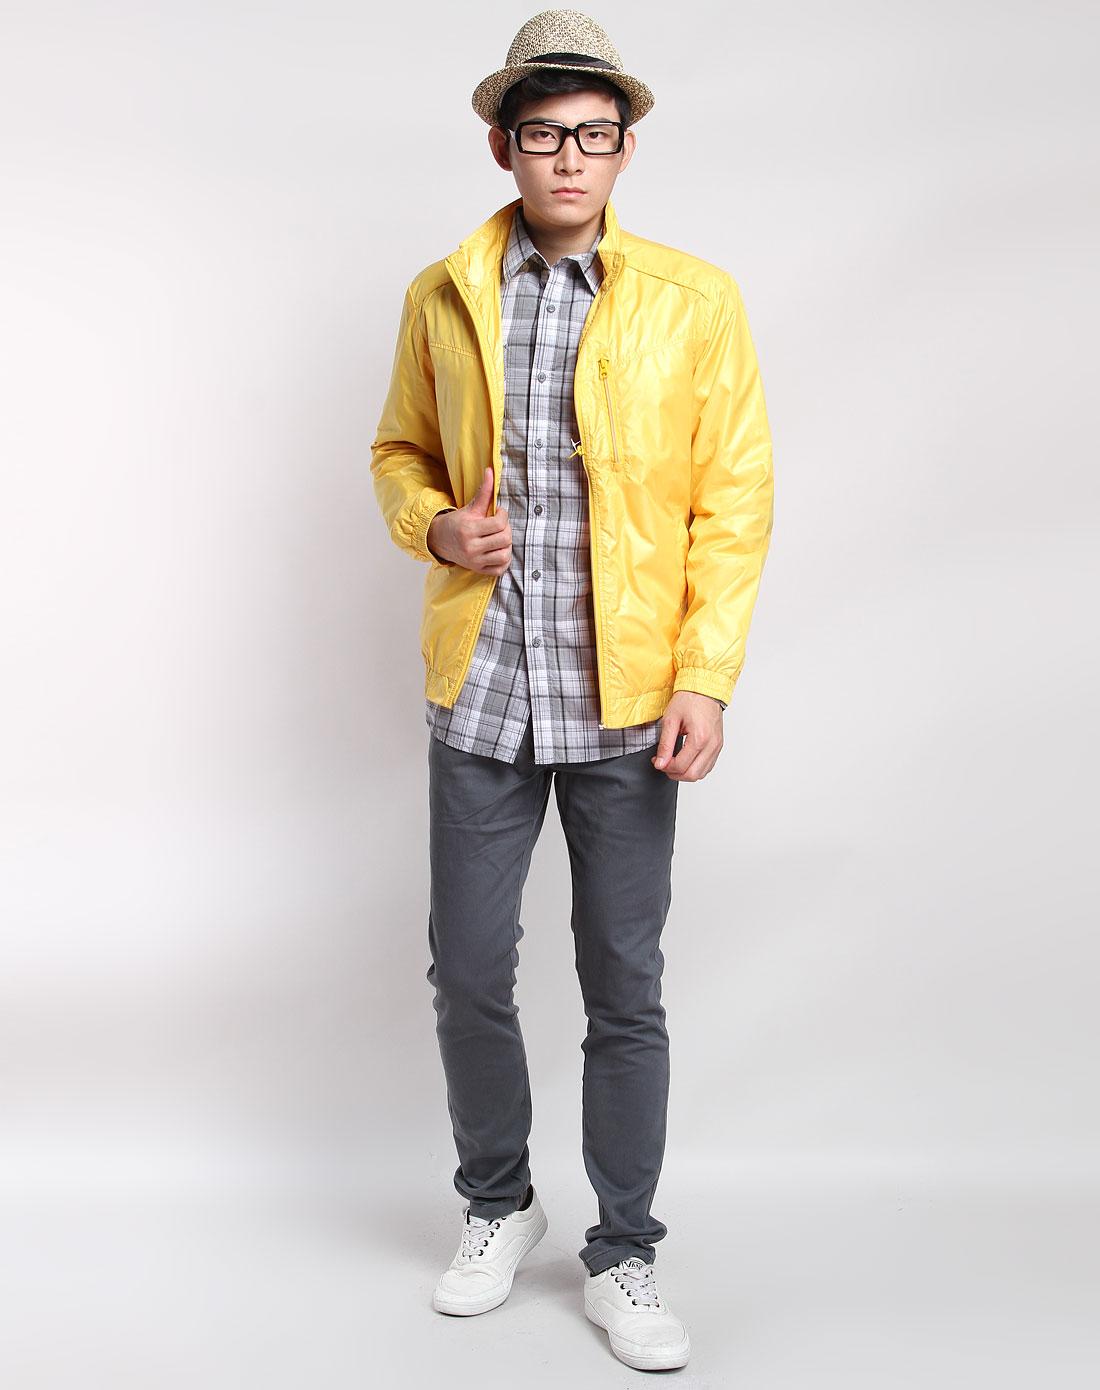 森马男装专场-黄色休闲简约长袖外套图片